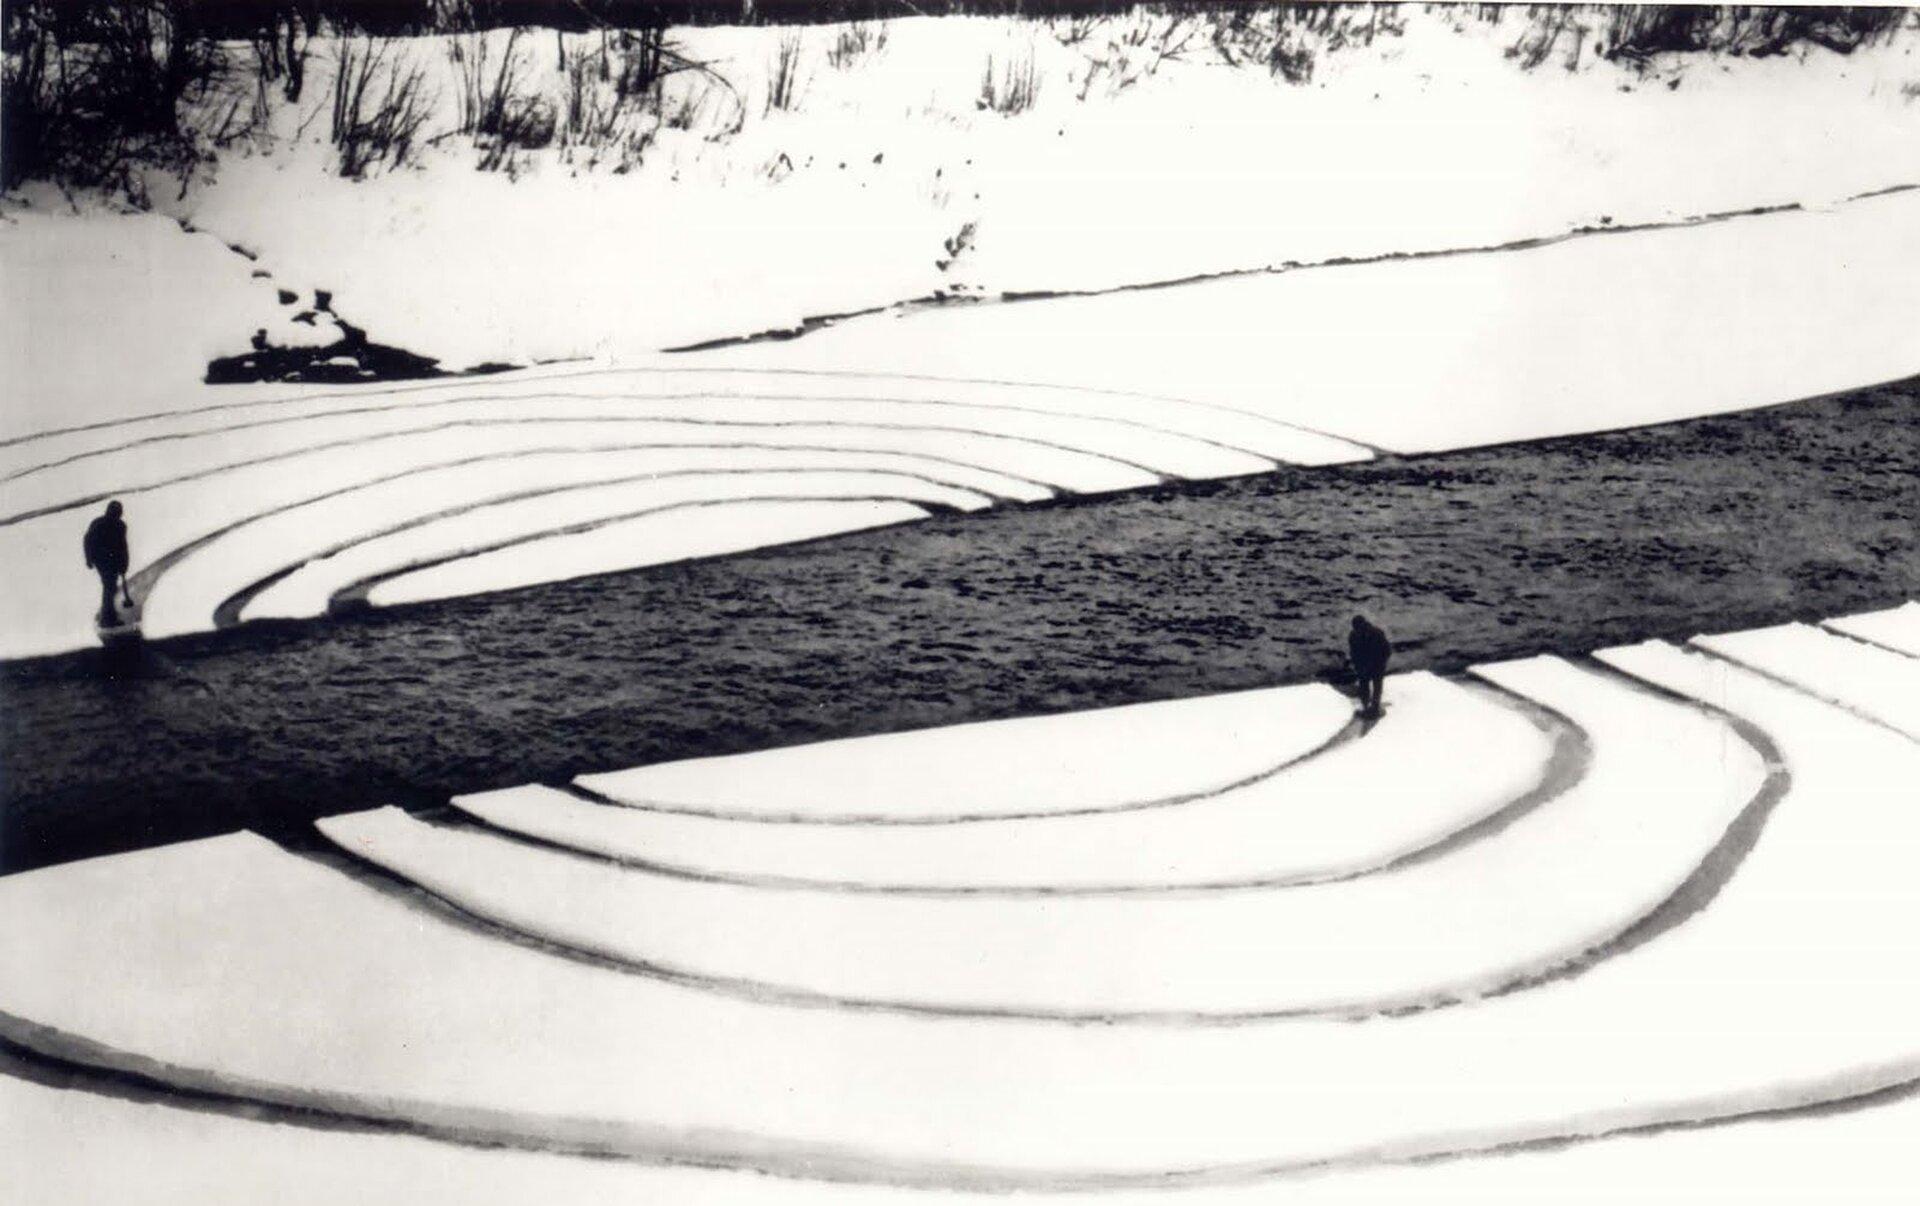 Ilustracja przedstawia pierścienie, które są przecinane przez rzekę. Pierścienie są zrobione na śniegu. Prace artysty odnoszą się do naturalnych procesów zachodzących wprzyrodzie inietrwałości, ulotności dzieł stworzonych przez człowieka.